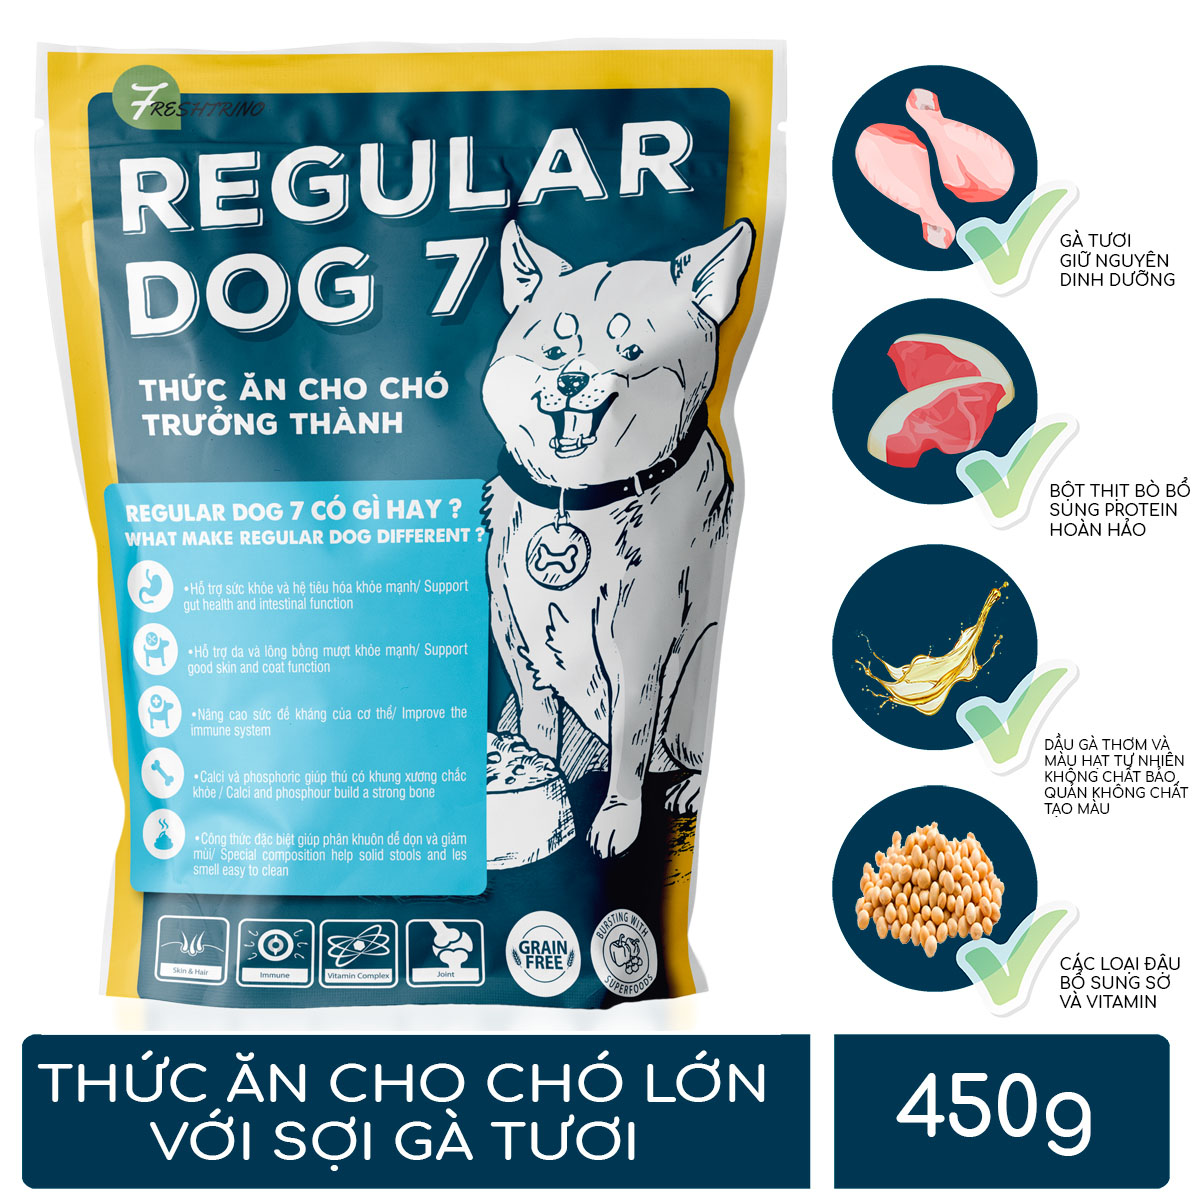 Thức ăn cho chó lớn có sợi gà tươi Regular Dog 7 3